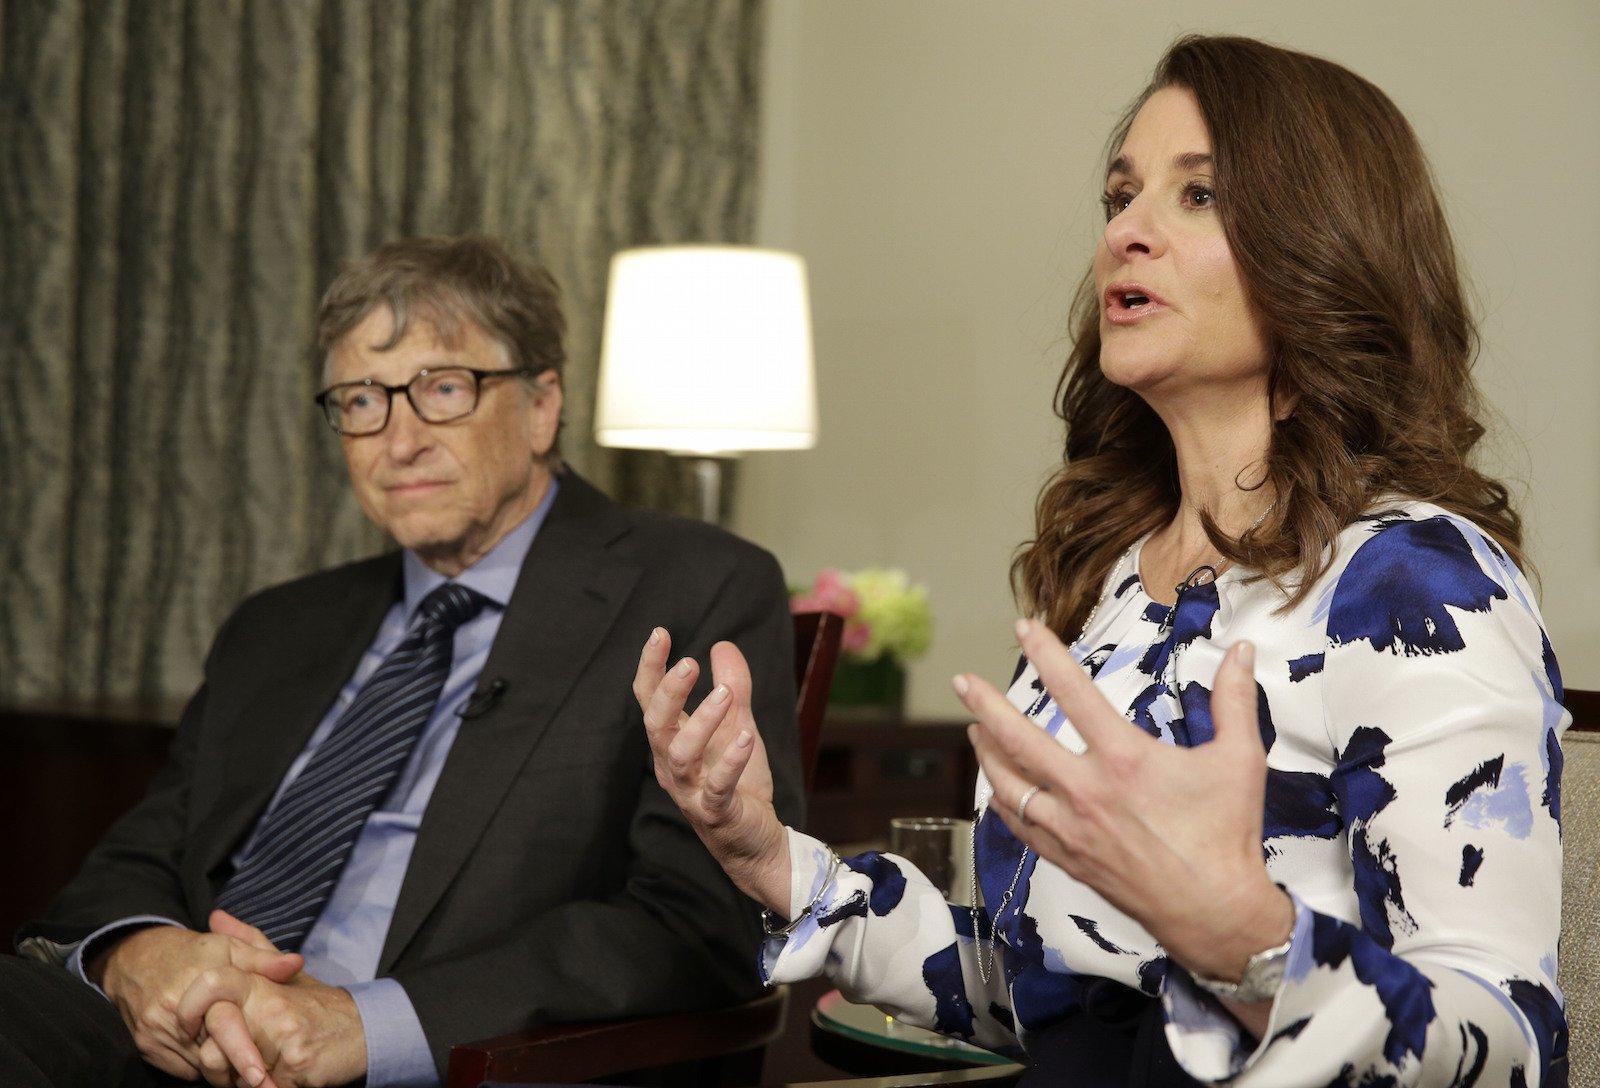 بیل گیتس : فرزندانم به بخشیدن ثروت خانوادگی به خیریه افتخار می کنند